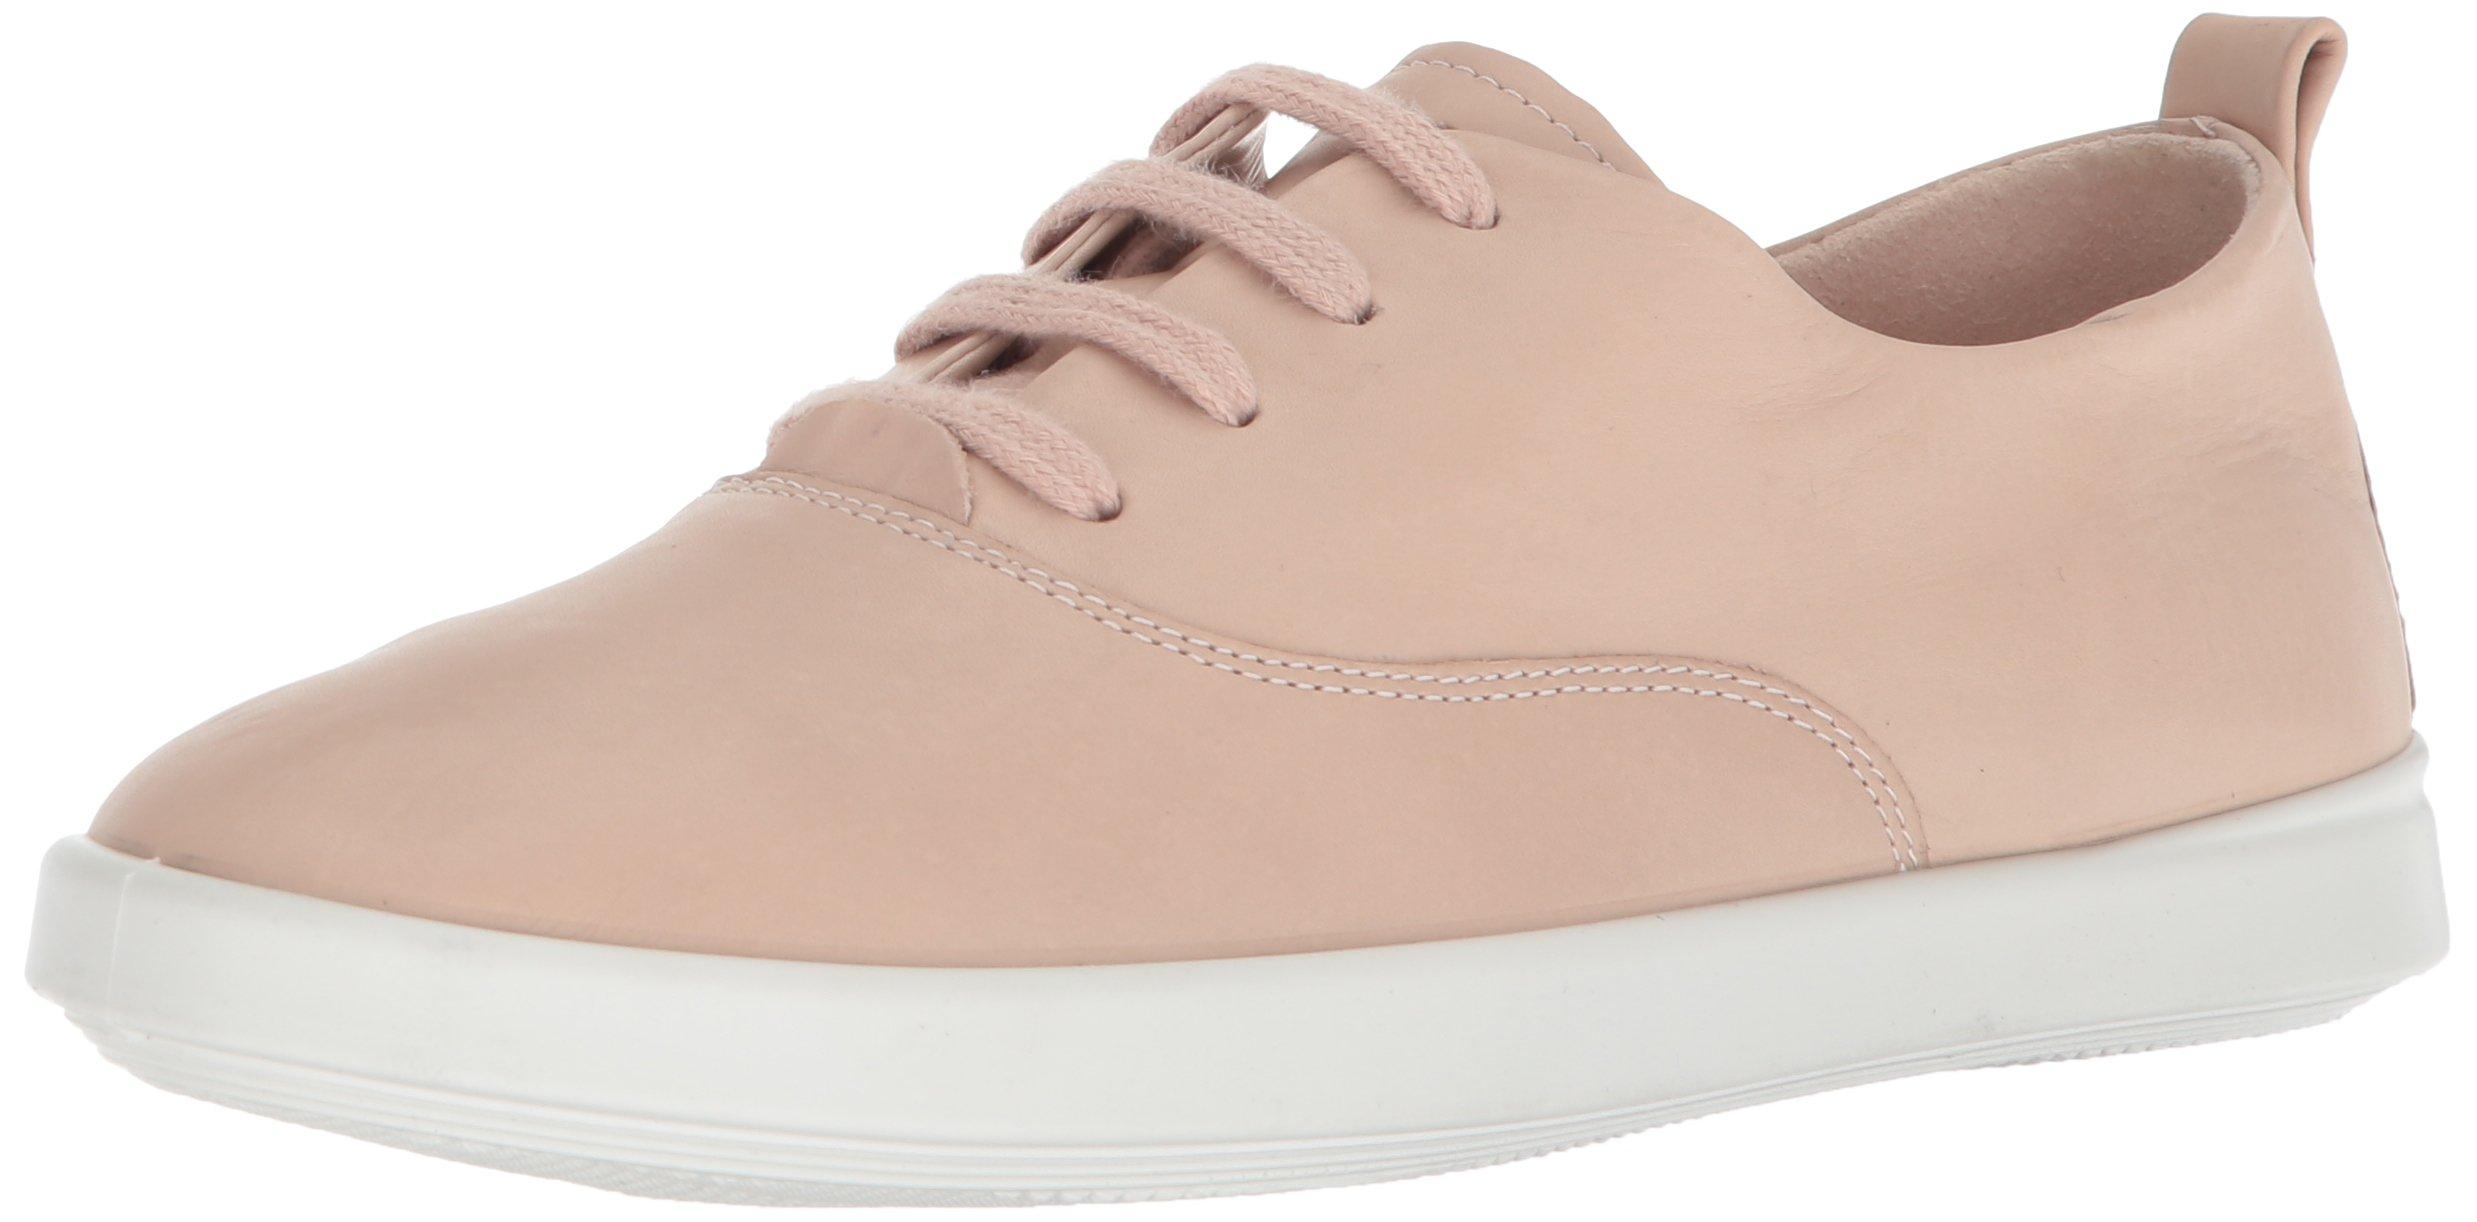 ECCO 女式休闲系带运动鞋